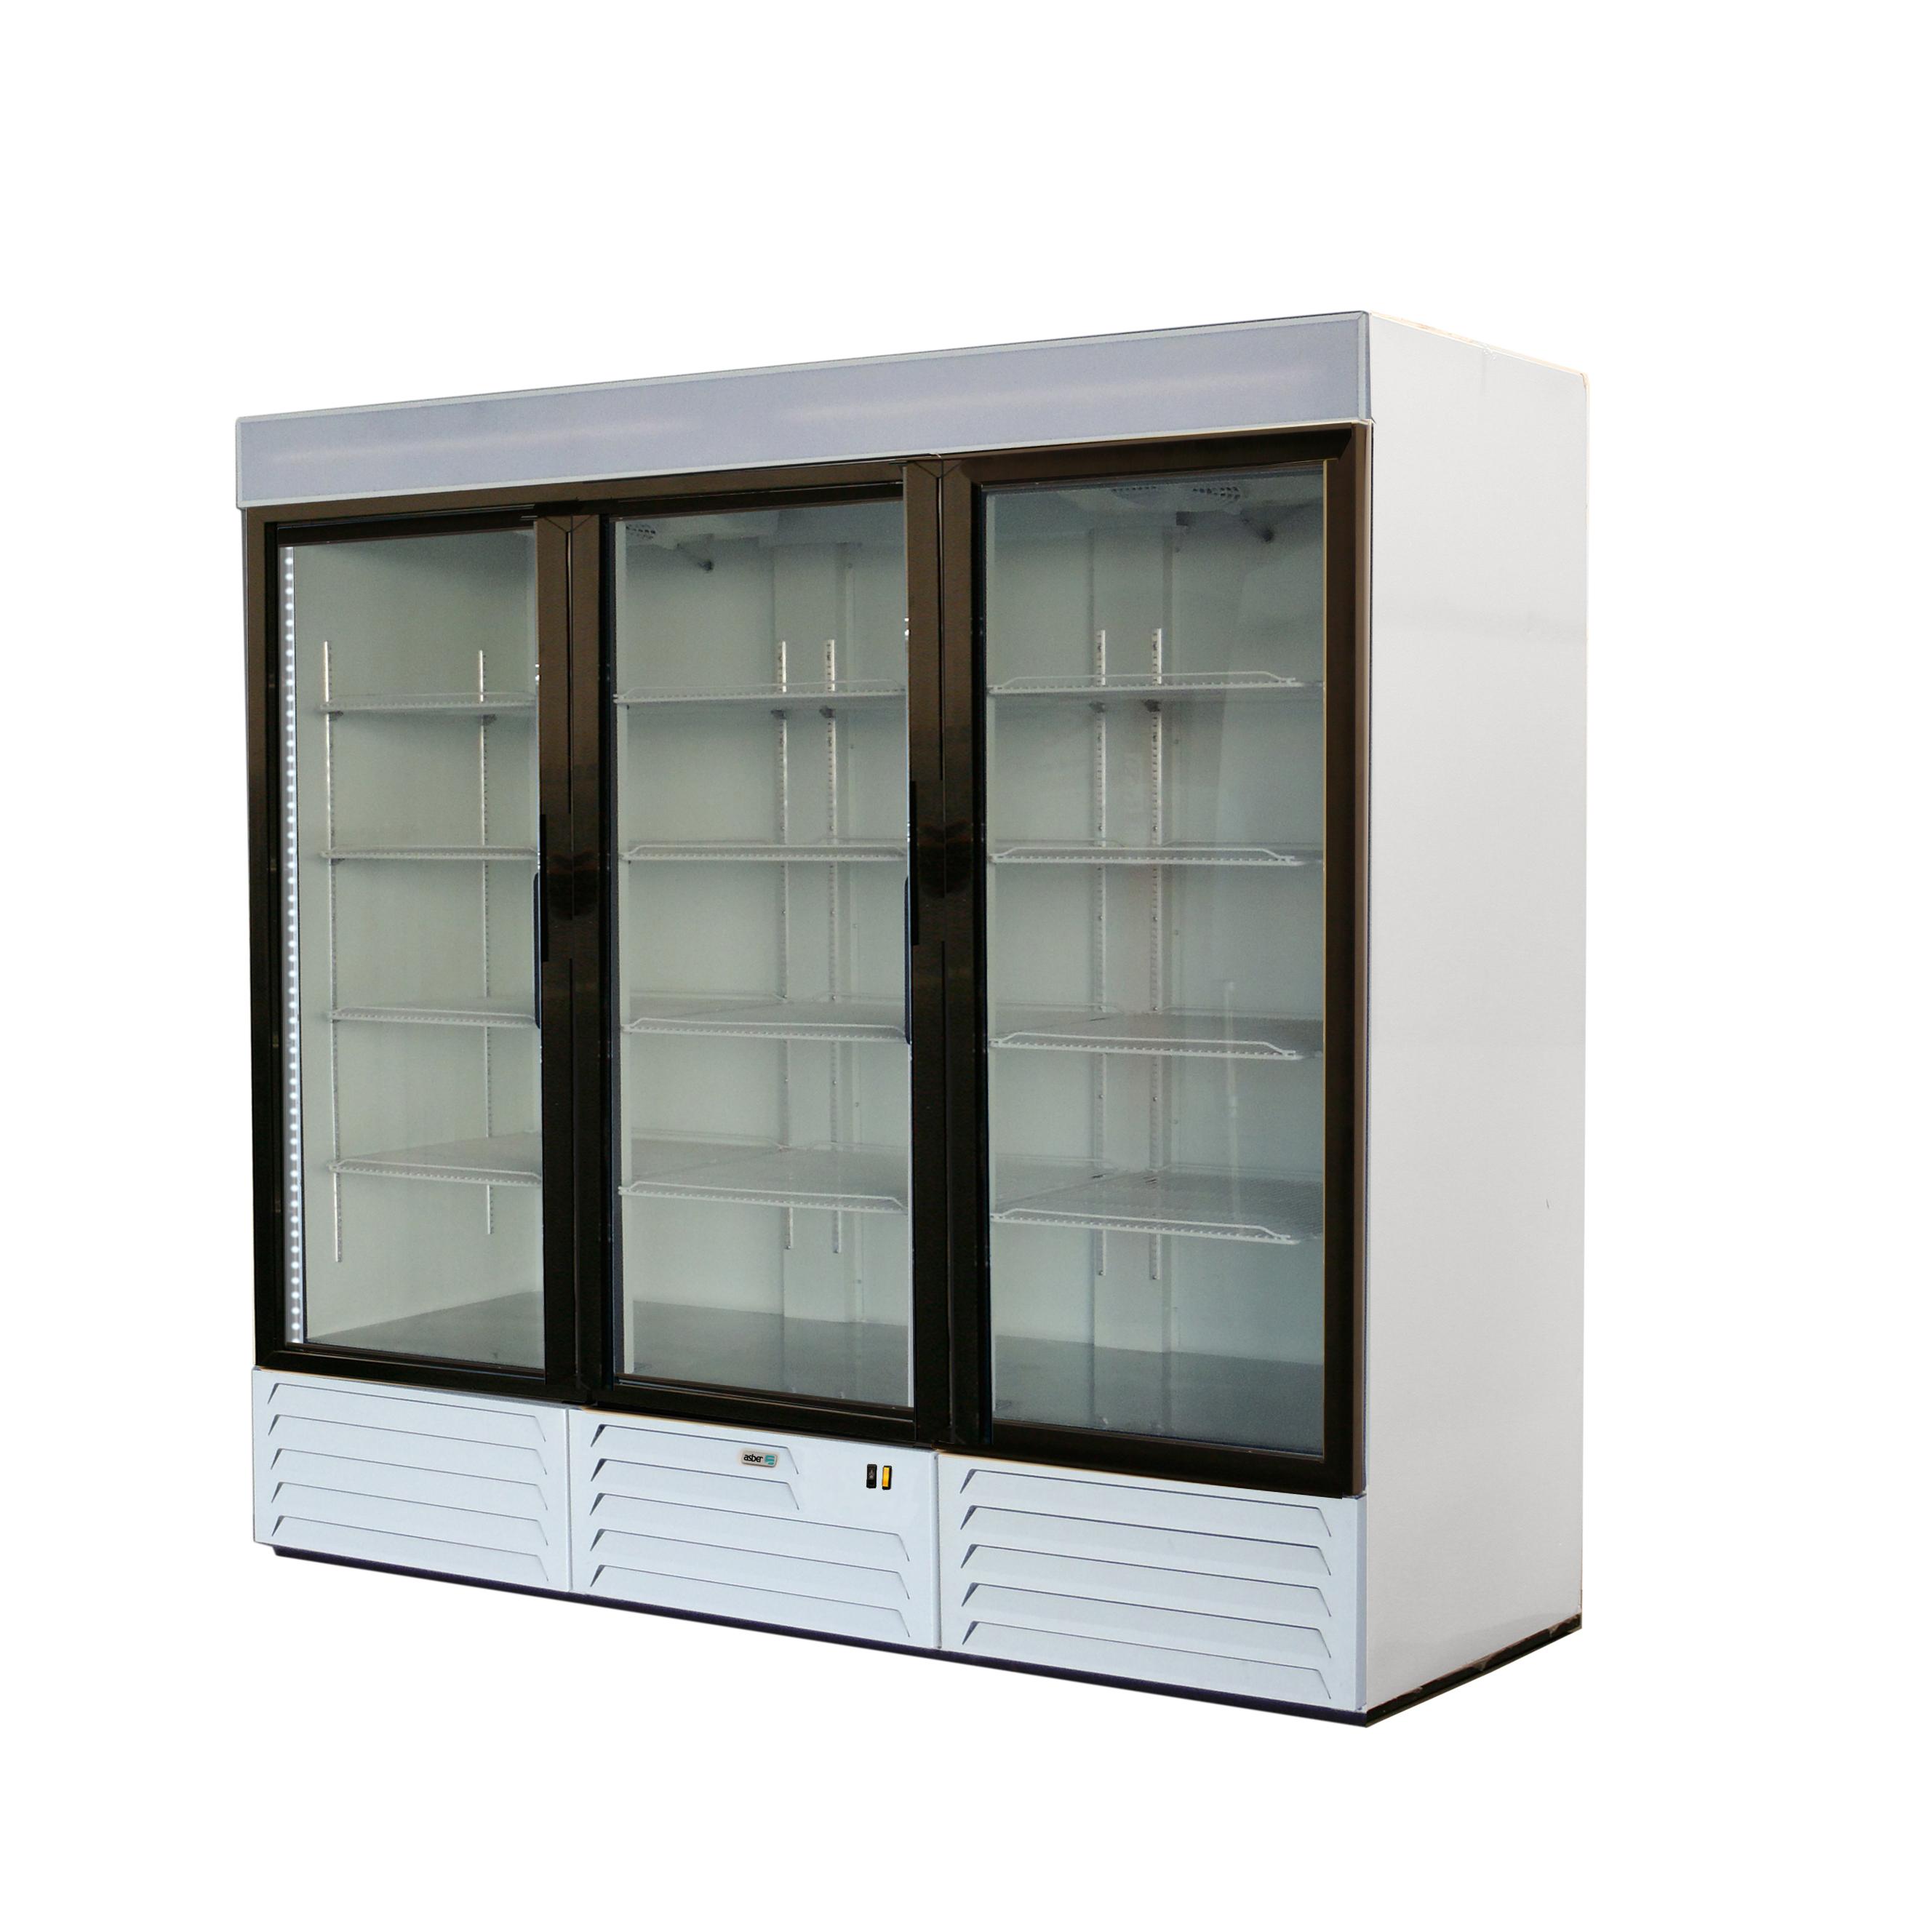 Asber ARMD-72A refrigerator, merchandiser